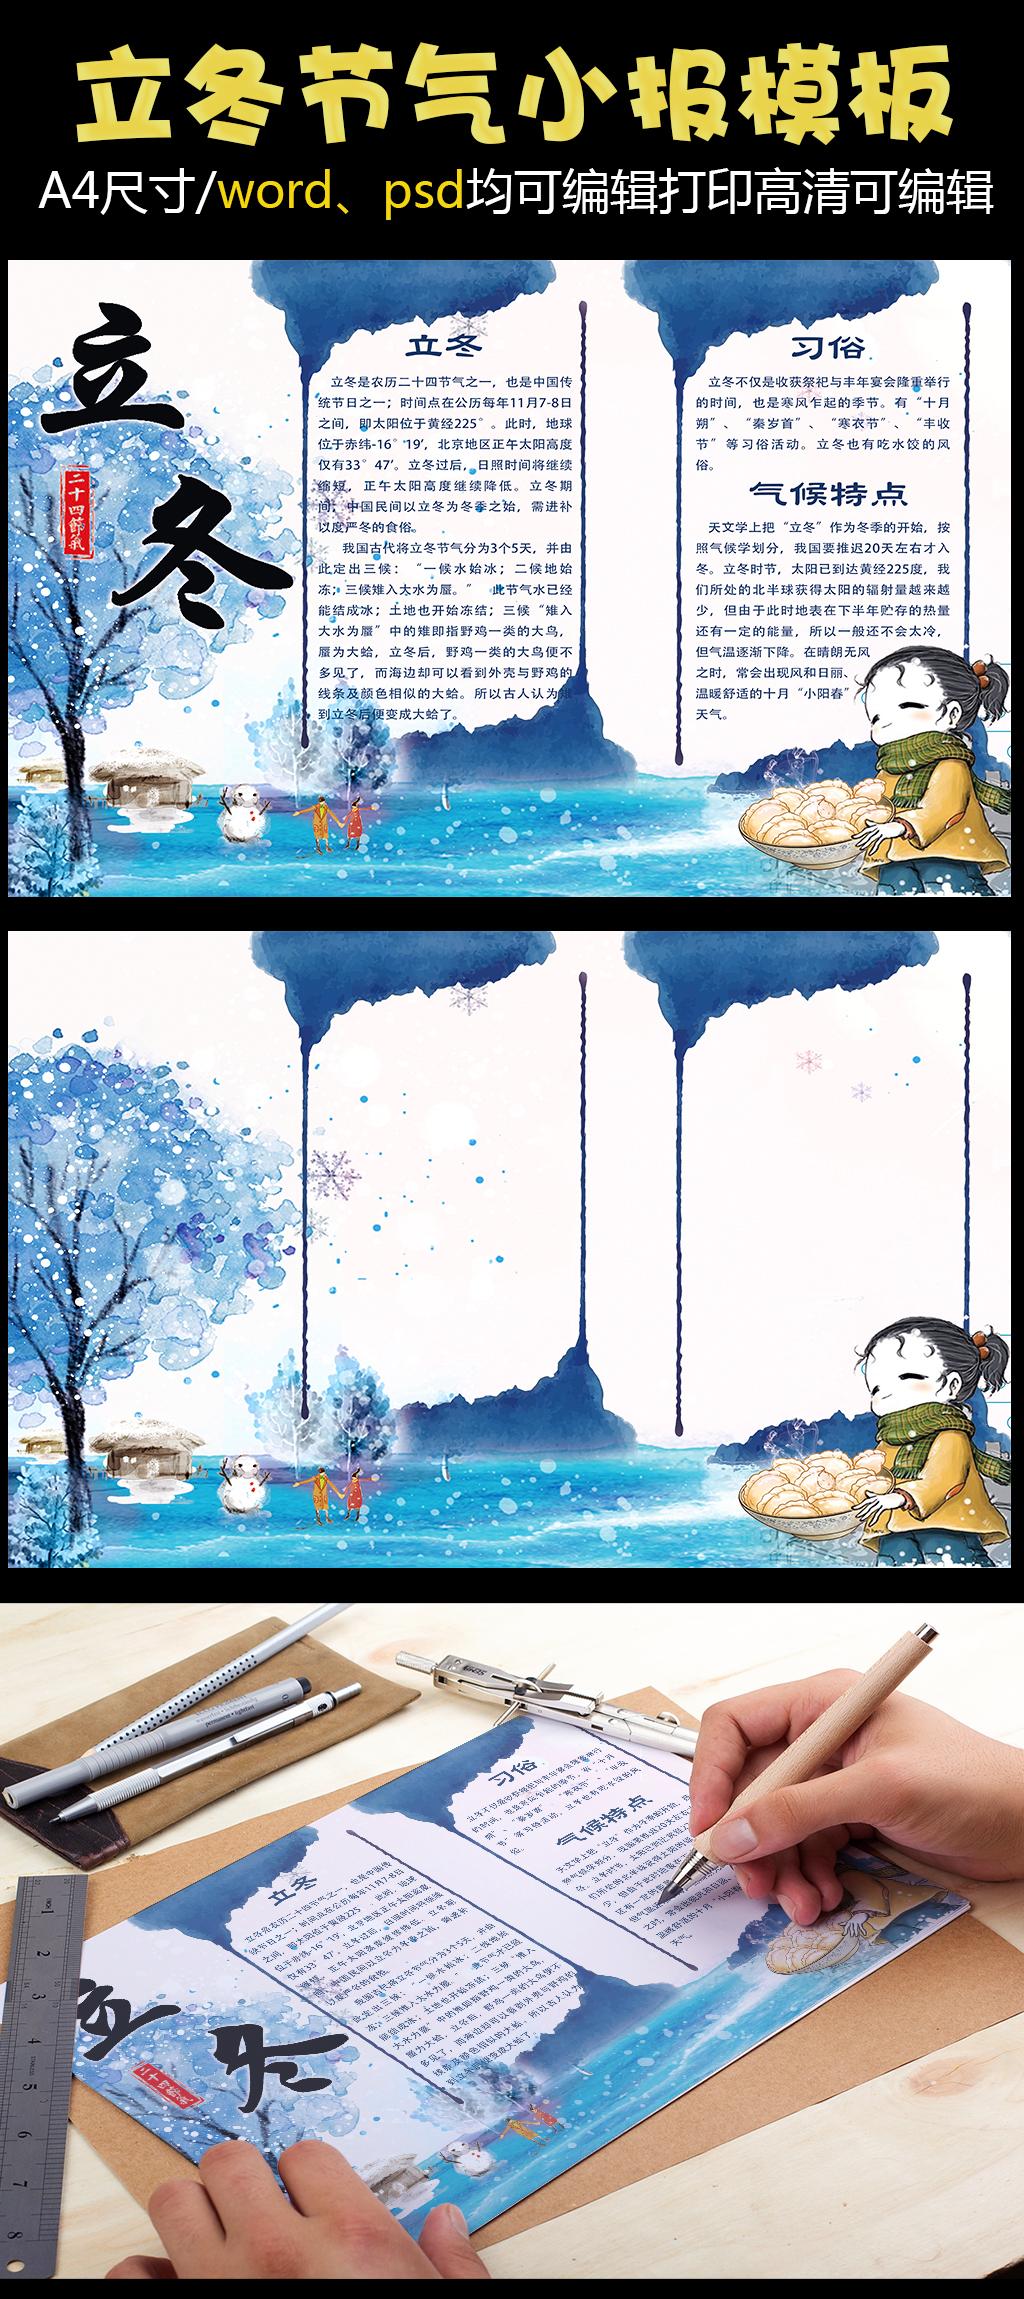 手抄报|小报 节日手抄报 其他 > 唯美水彩手绘风立冬节气小报   图片